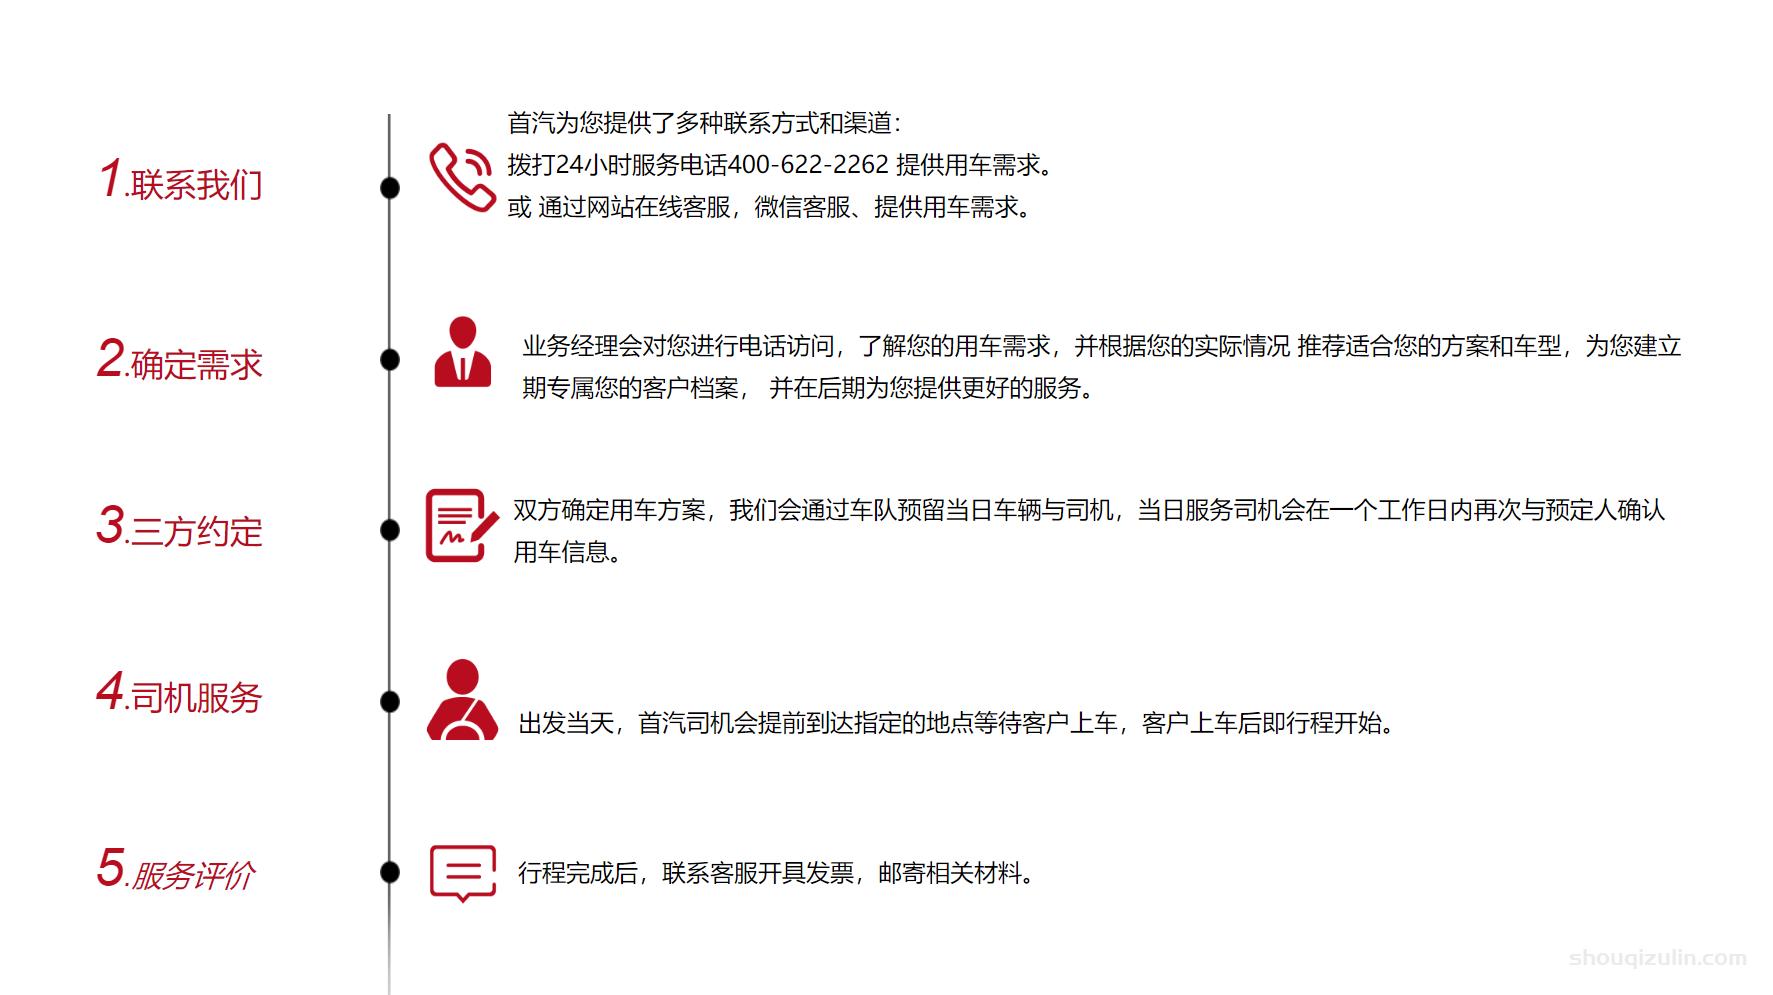 北京大巴车租车公司-首汽环球汽车租赁有限公司插图(3)